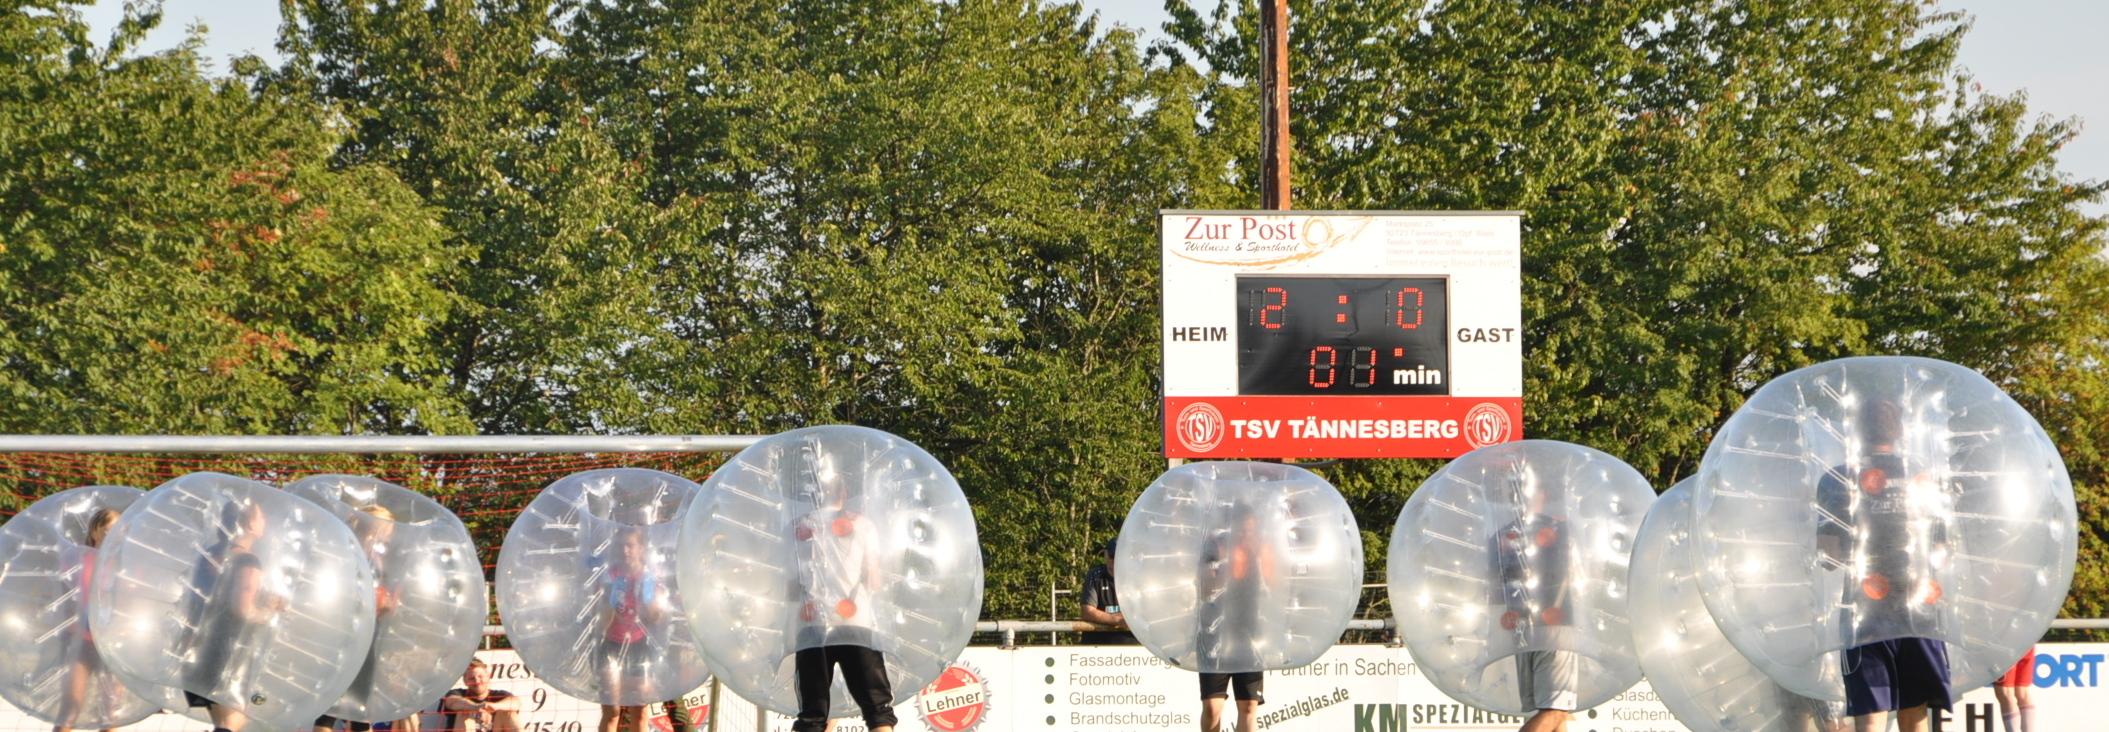 """Mit """"Bubble Soccer"""" hat der TSV Tännesberg für sein Jubiläum einen Volltreffer gelandet: Spaß und Freude am laufenden Band."""